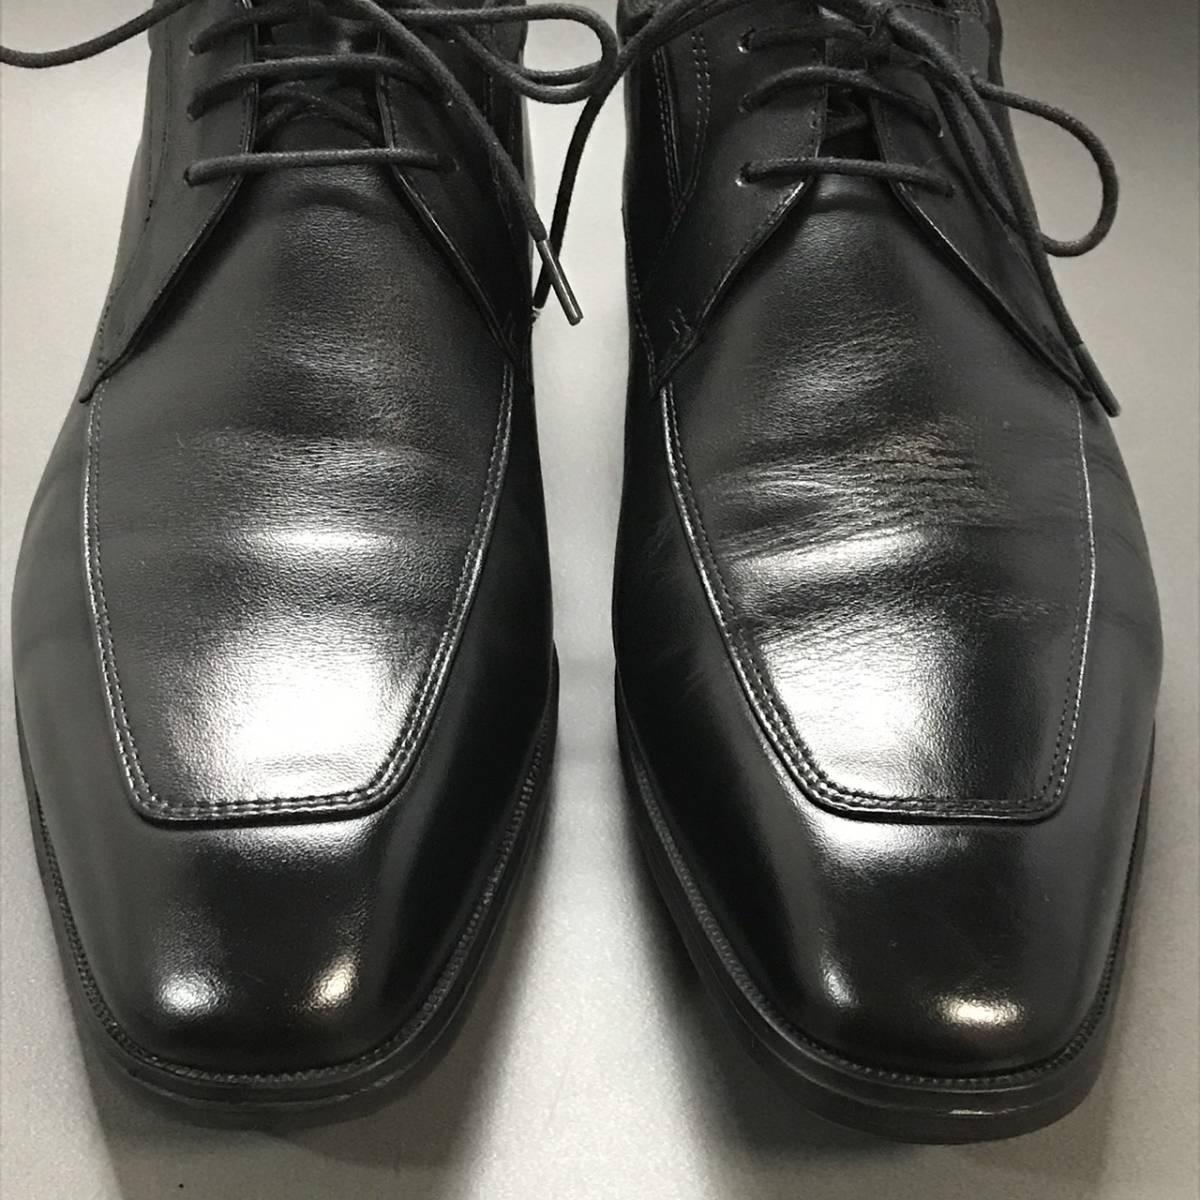 ☆ texcy luxe アシックス商事 TEXCY LUXE 本革軽量 Uチップ ブラック 26.5㎝ テクシー ビジネスシューズ 革靴_画像2